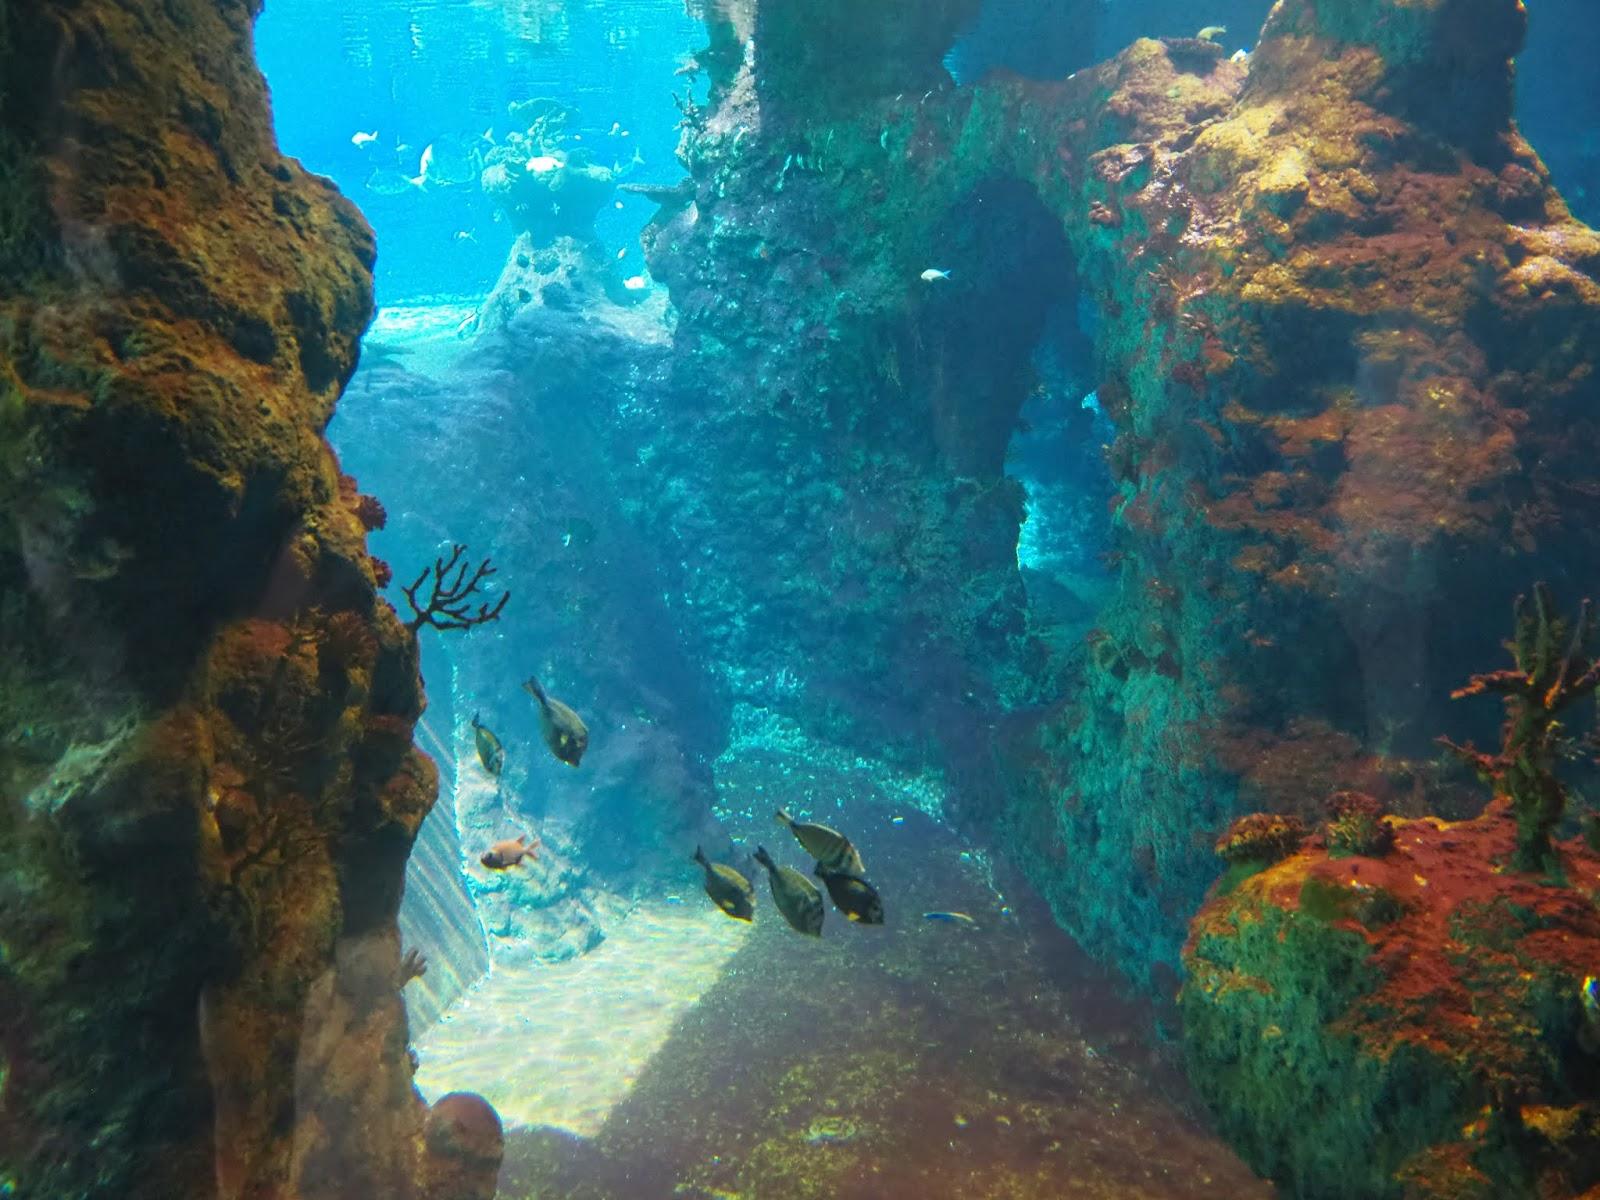 Tunel z rekinami